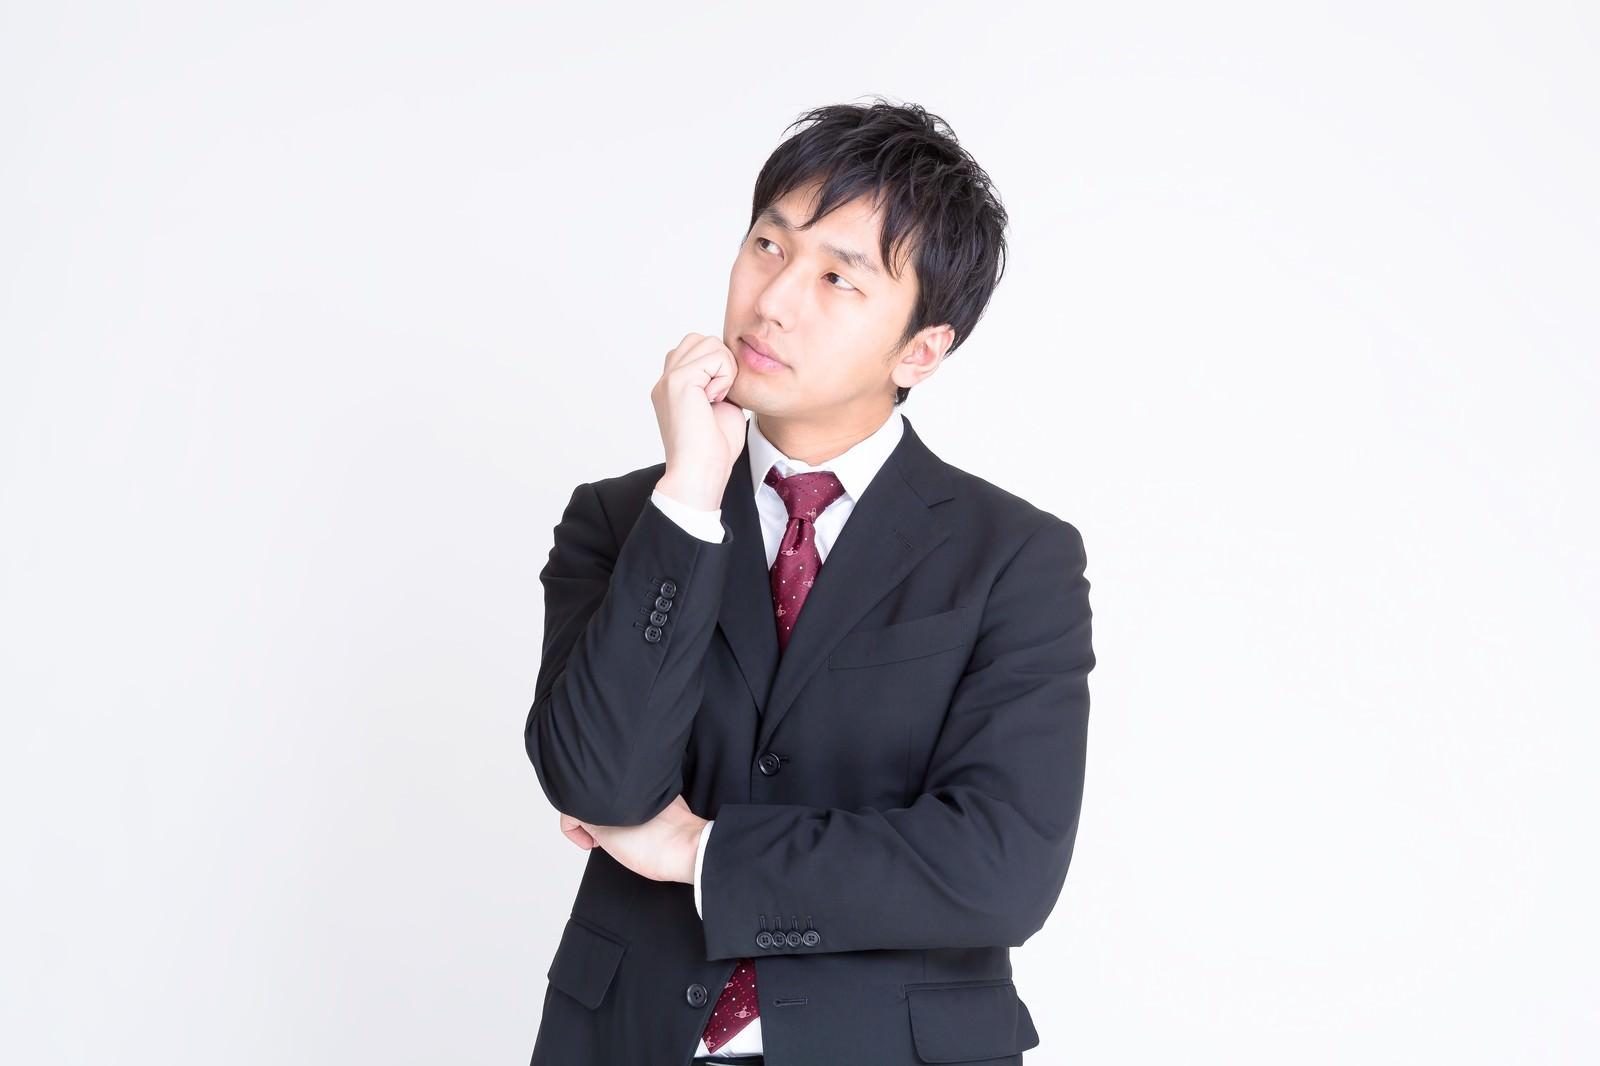 「考えるスーツ姿の男性考えるスーツ姿の男性」[モデル:大川竜弥]のフリー写真素材